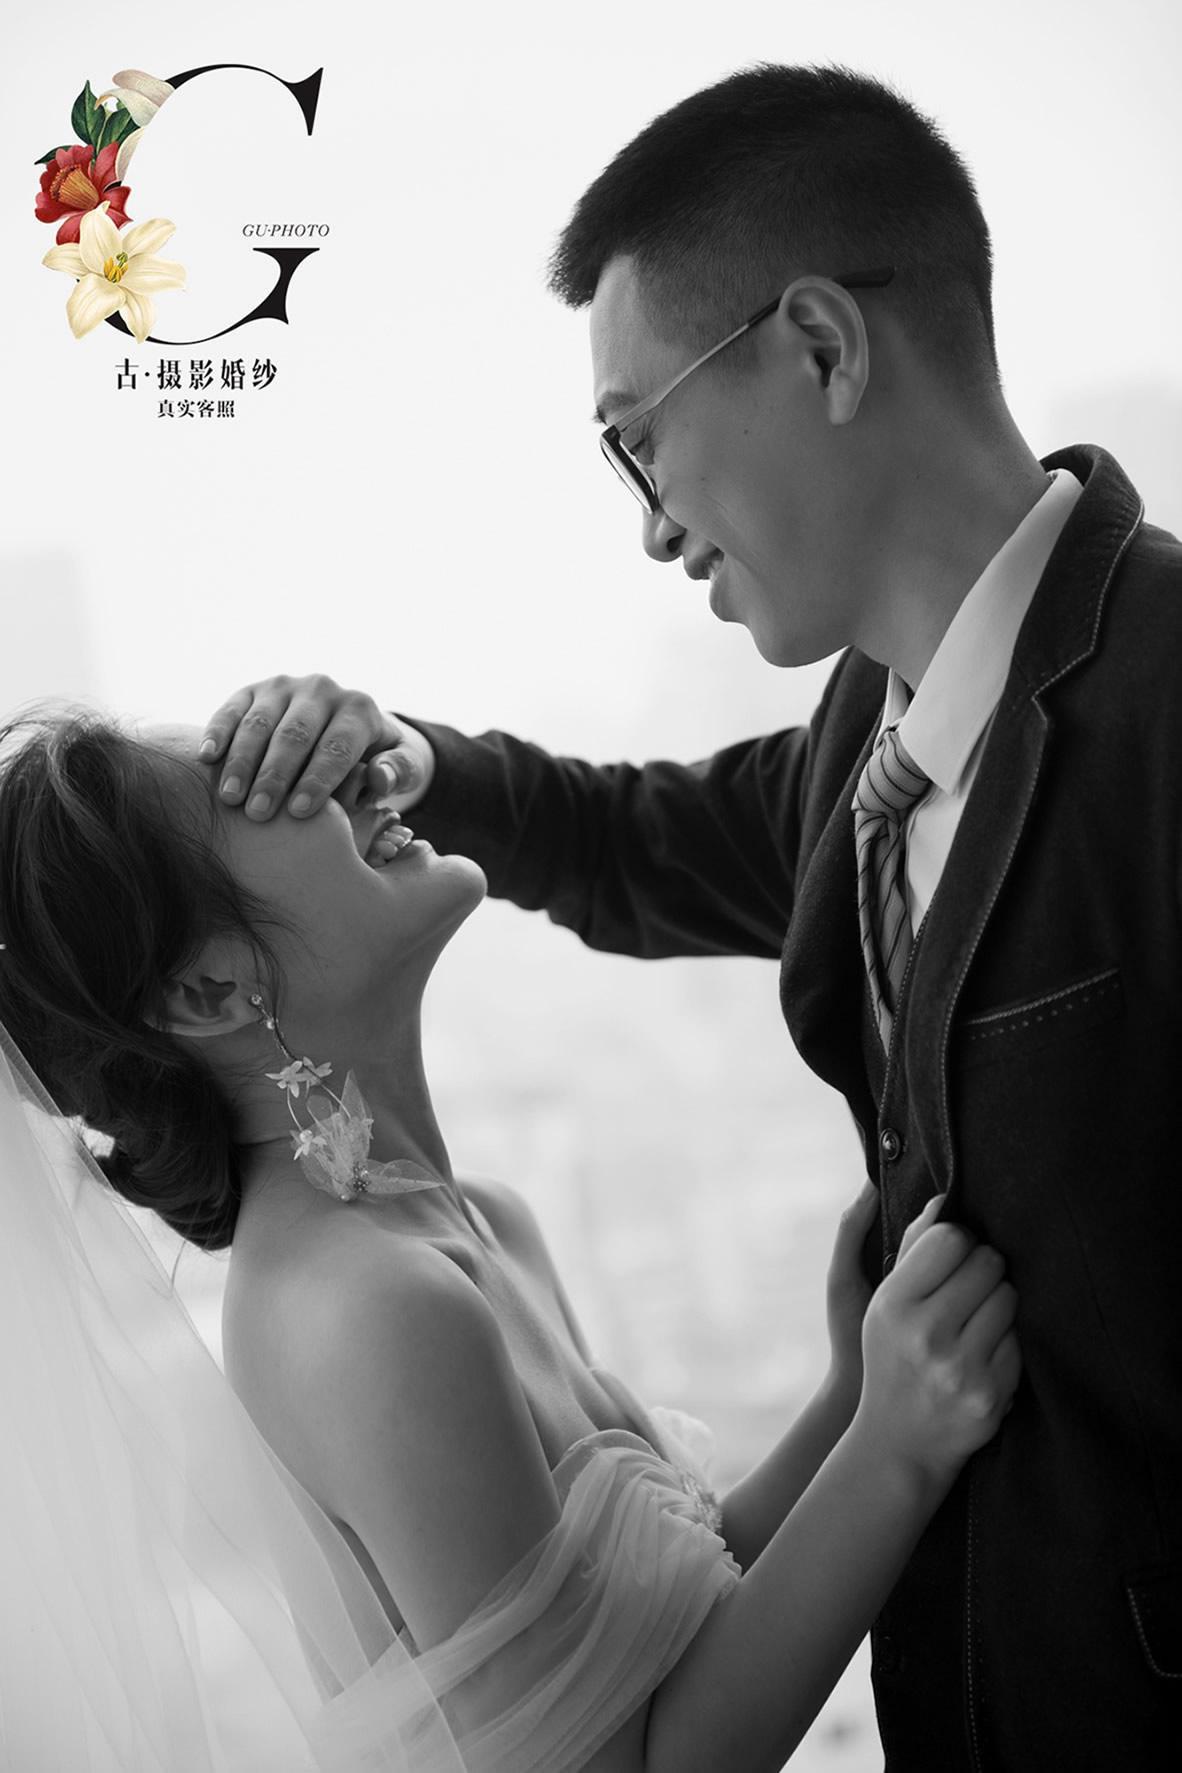 陈先生 刘小姐 - 每日客照 - 广州婚纱摄影-广州古摄影官网